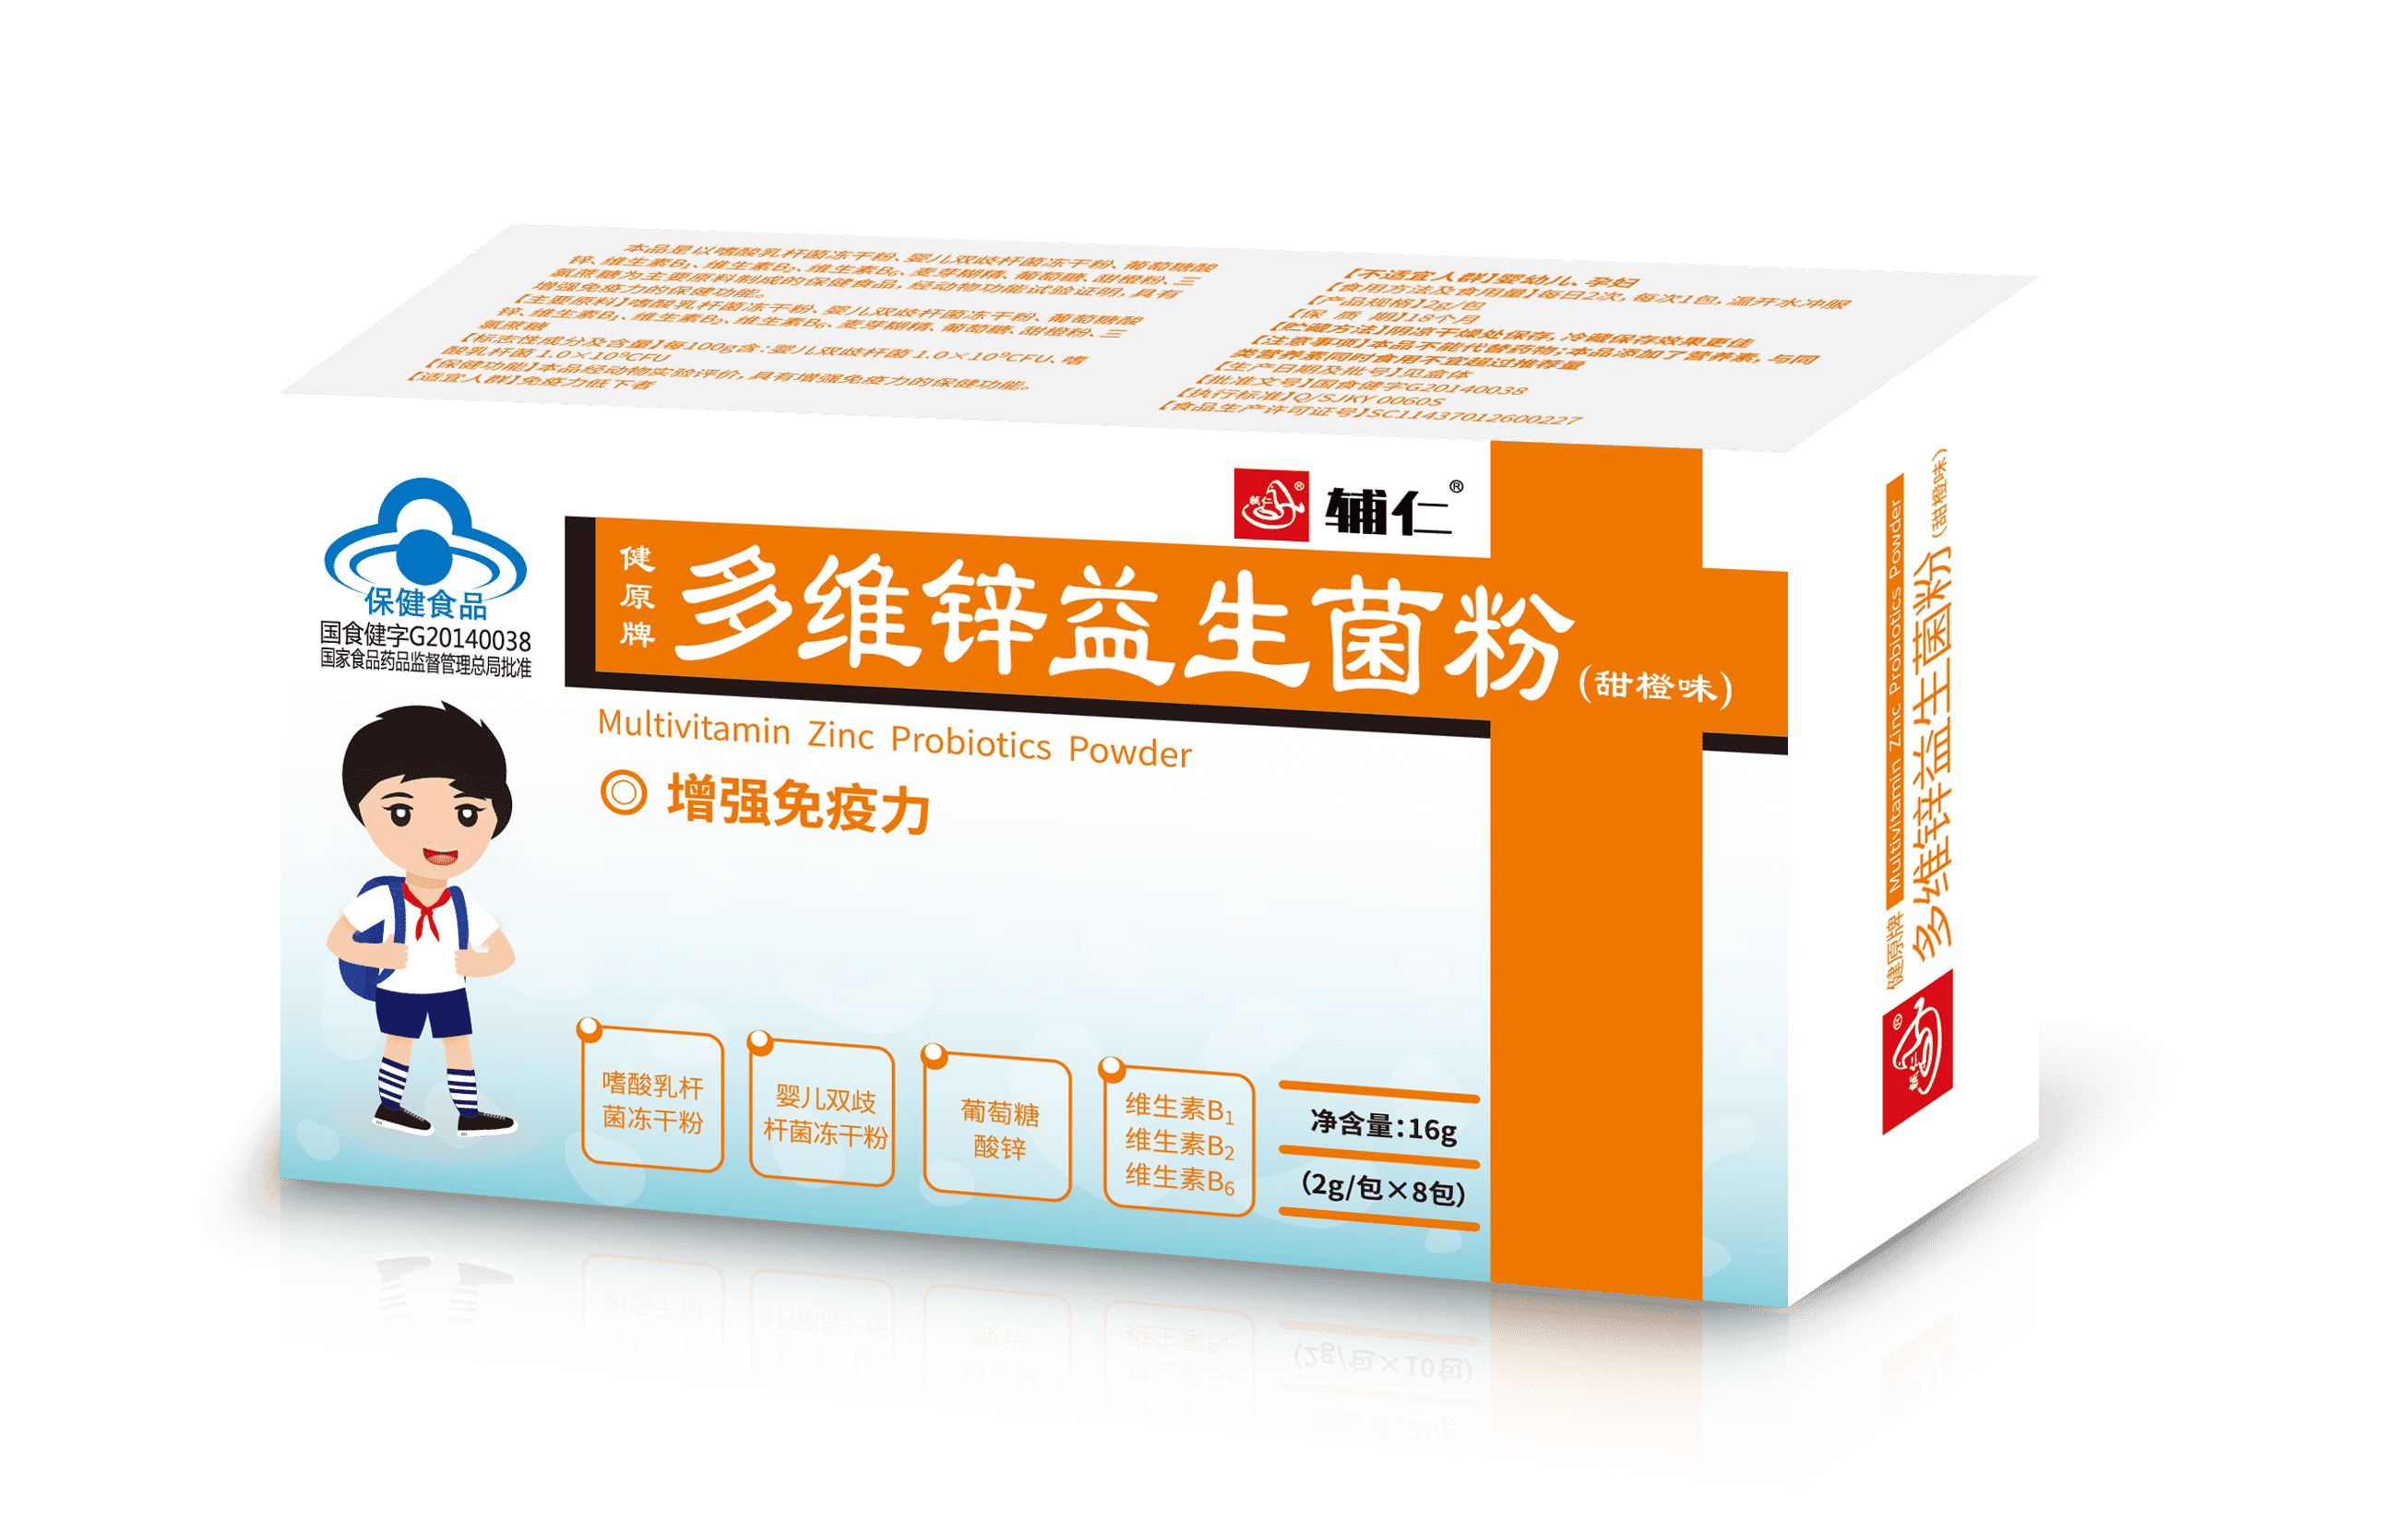 健原牌多维锌益生菌粉(甜橙味)